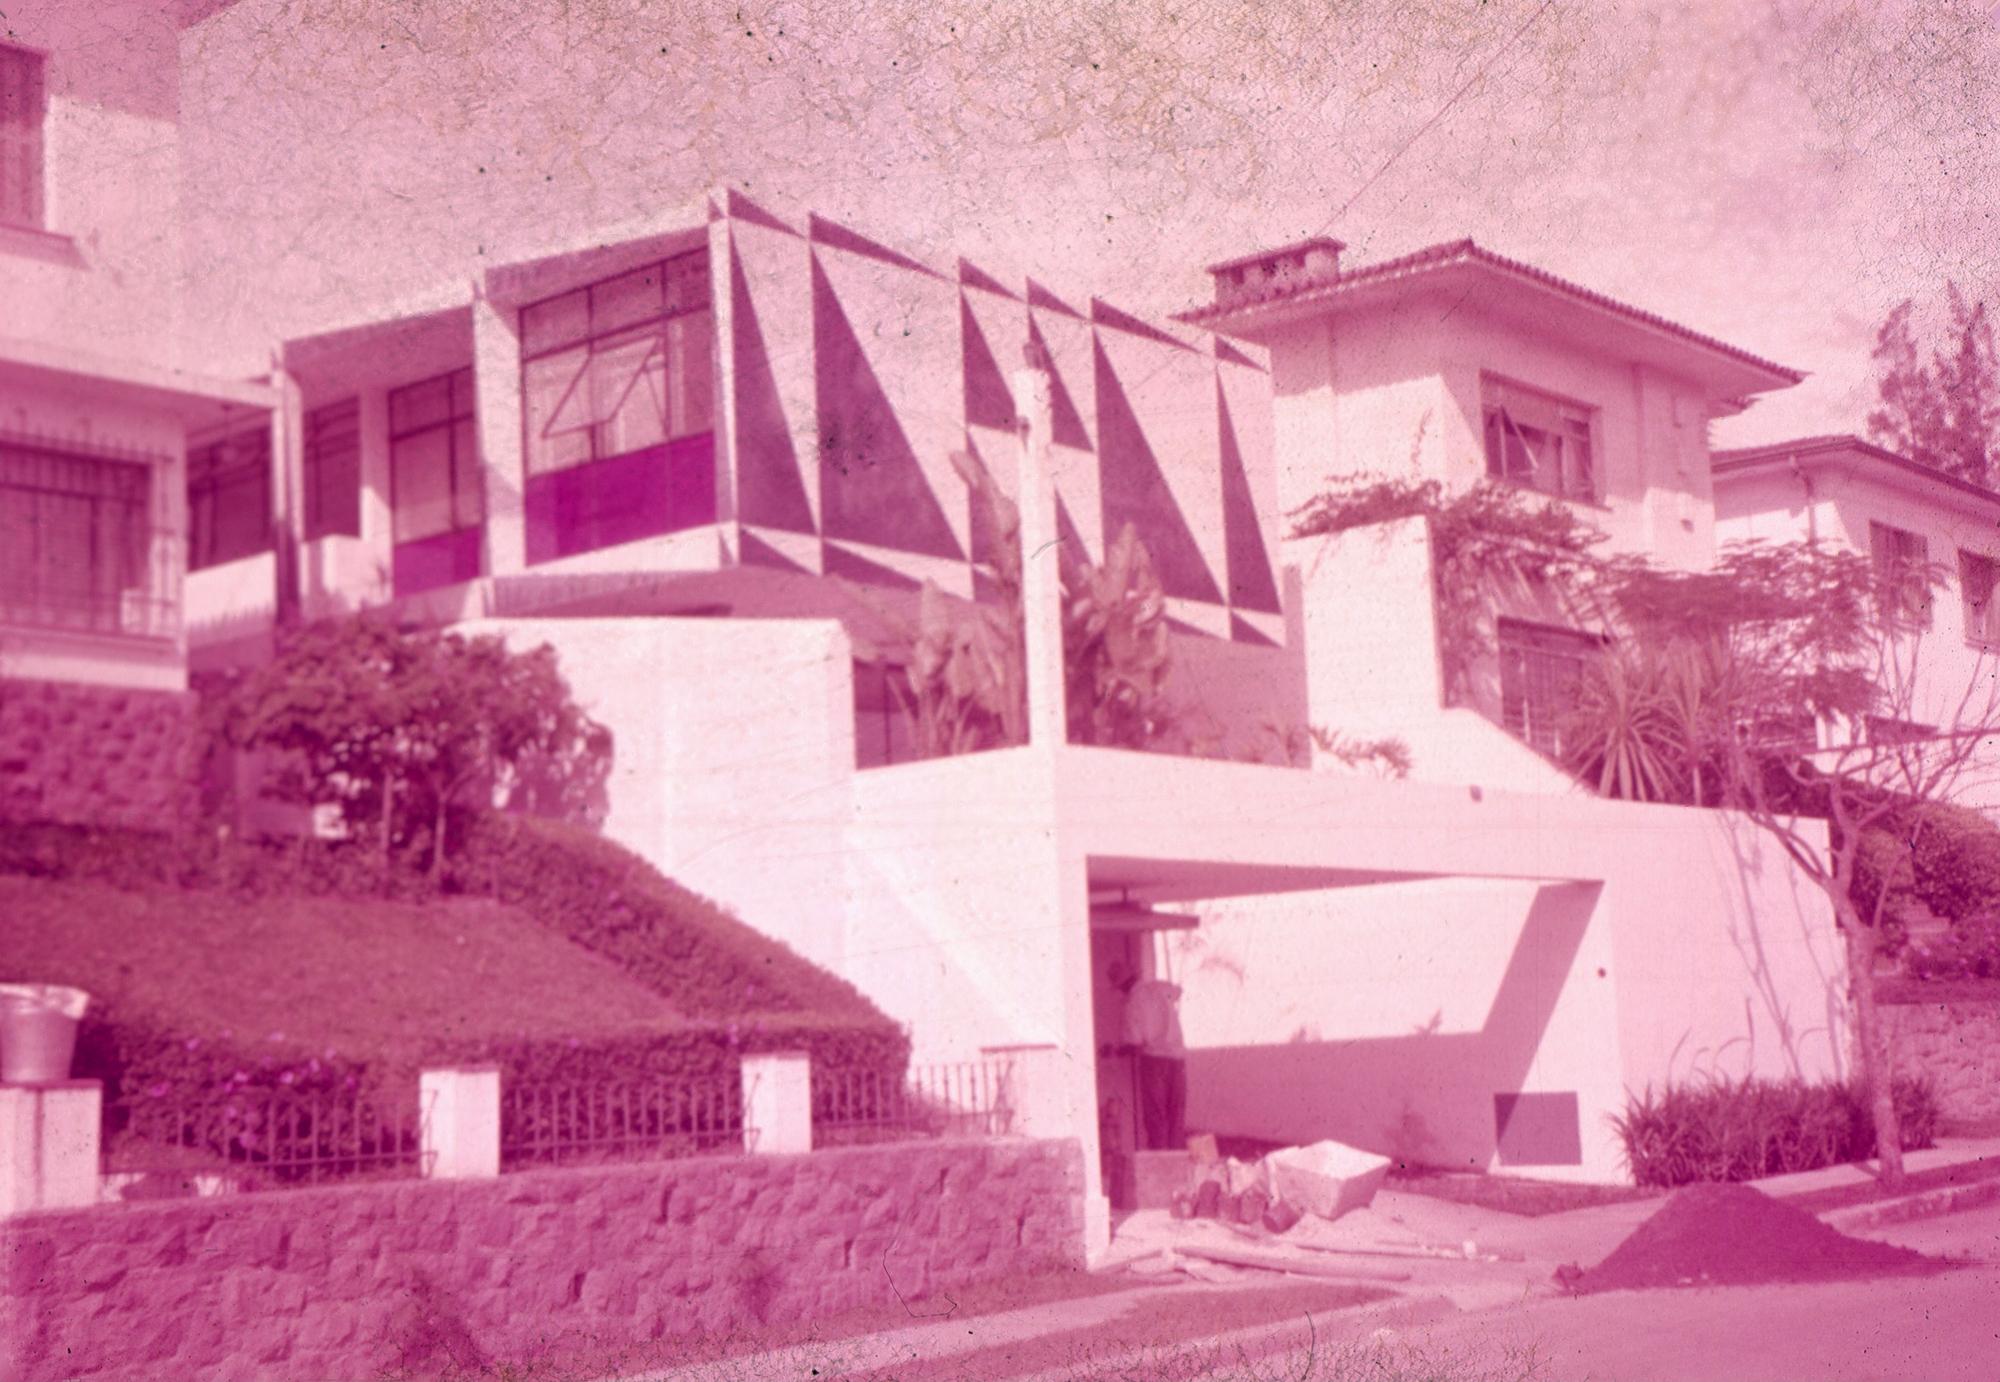 Galeria de Clássicos da Arquitetura: Casa dos Triângulos / João Batista  Vilanova Artigas - 7